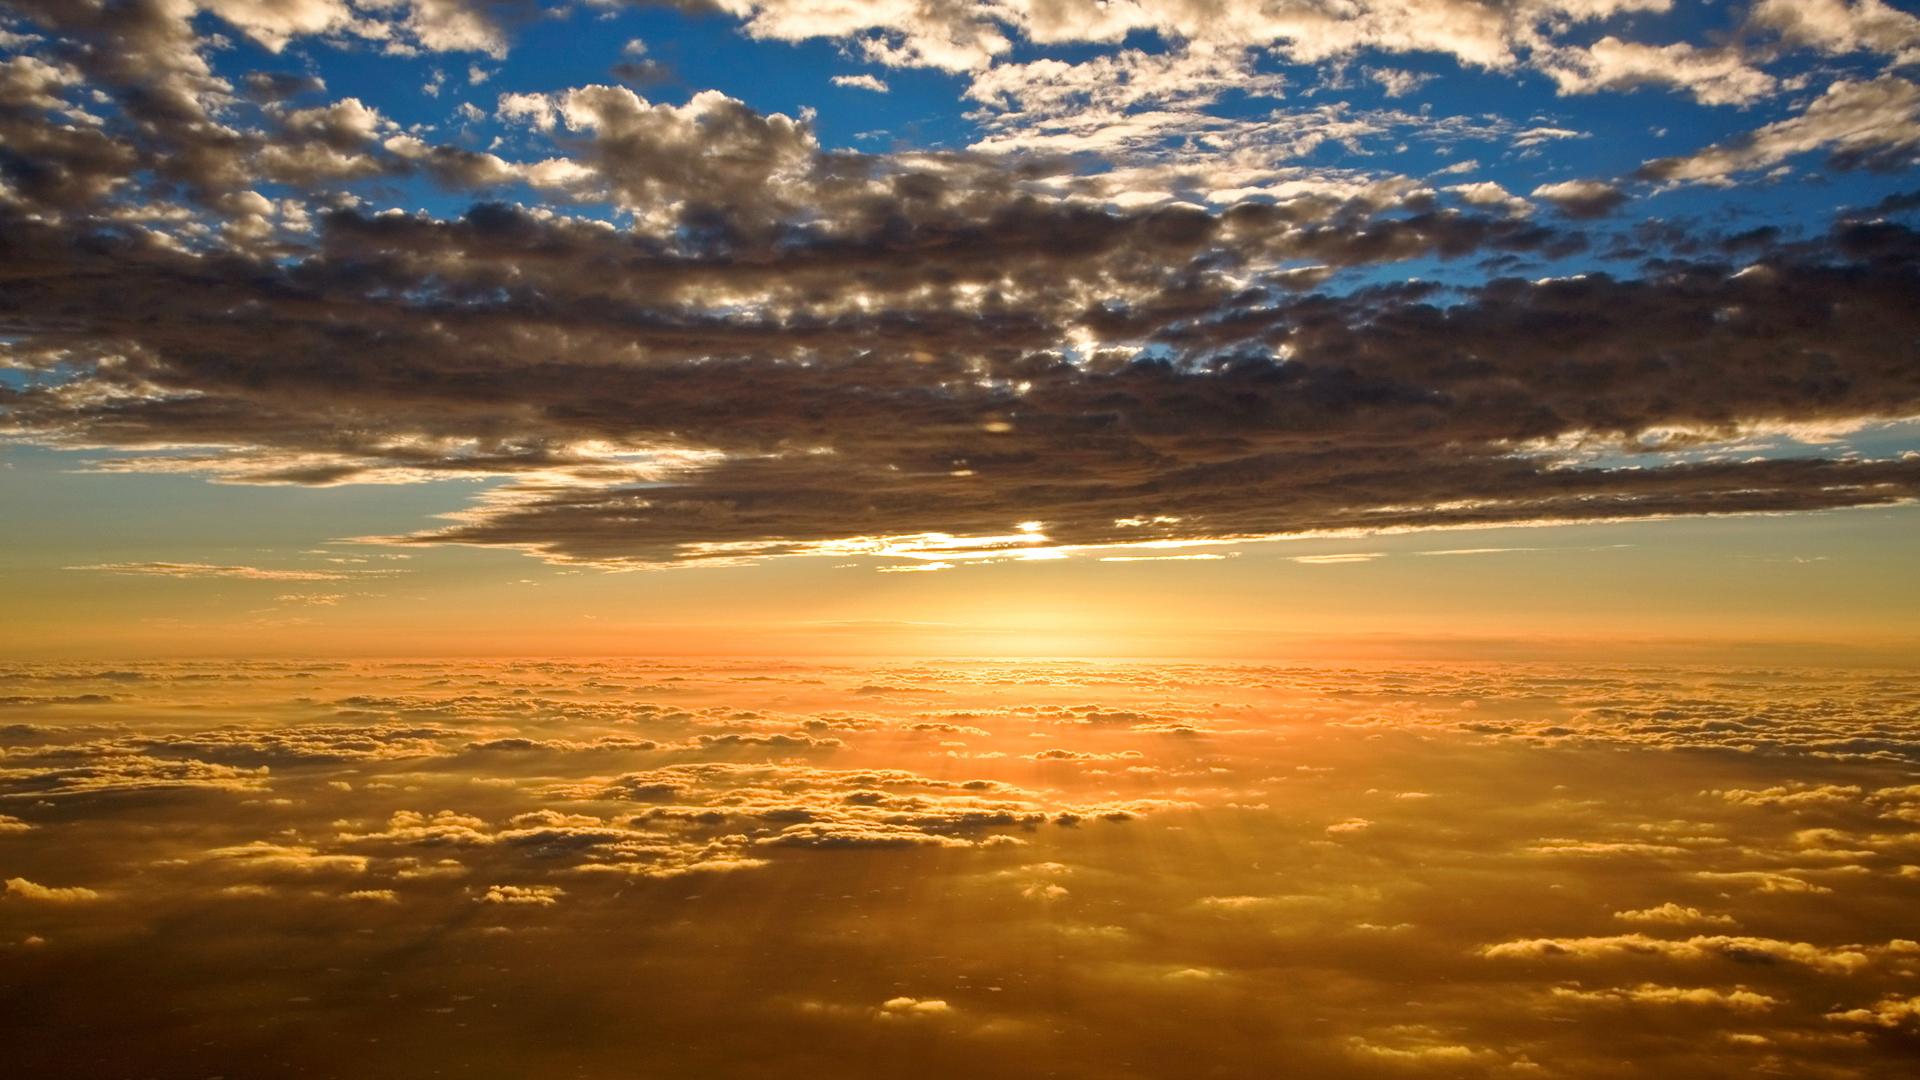 картинки солнца обои для рабочего стола № 568335 без смс